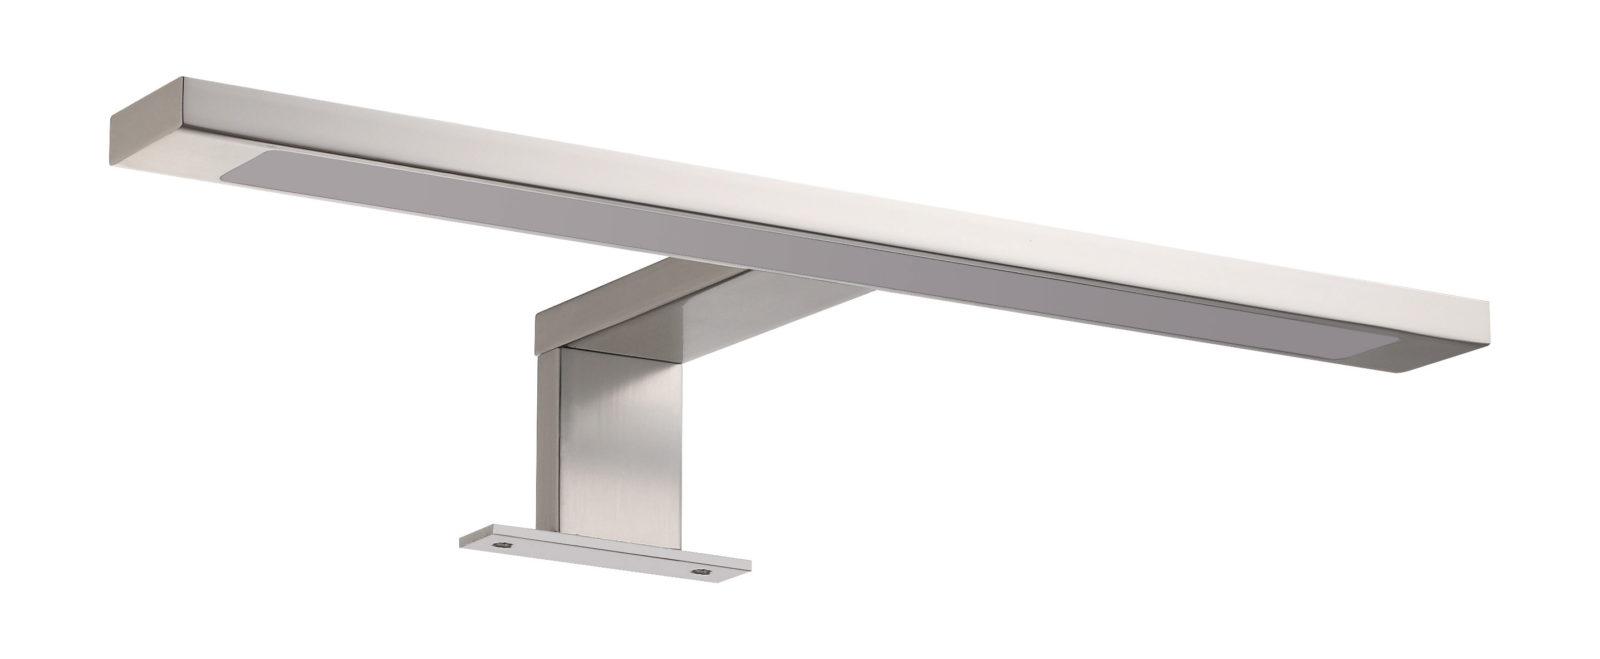 spiegel lamp led megadump. Black Bedroom Furniture Sets. Home Design Ideas